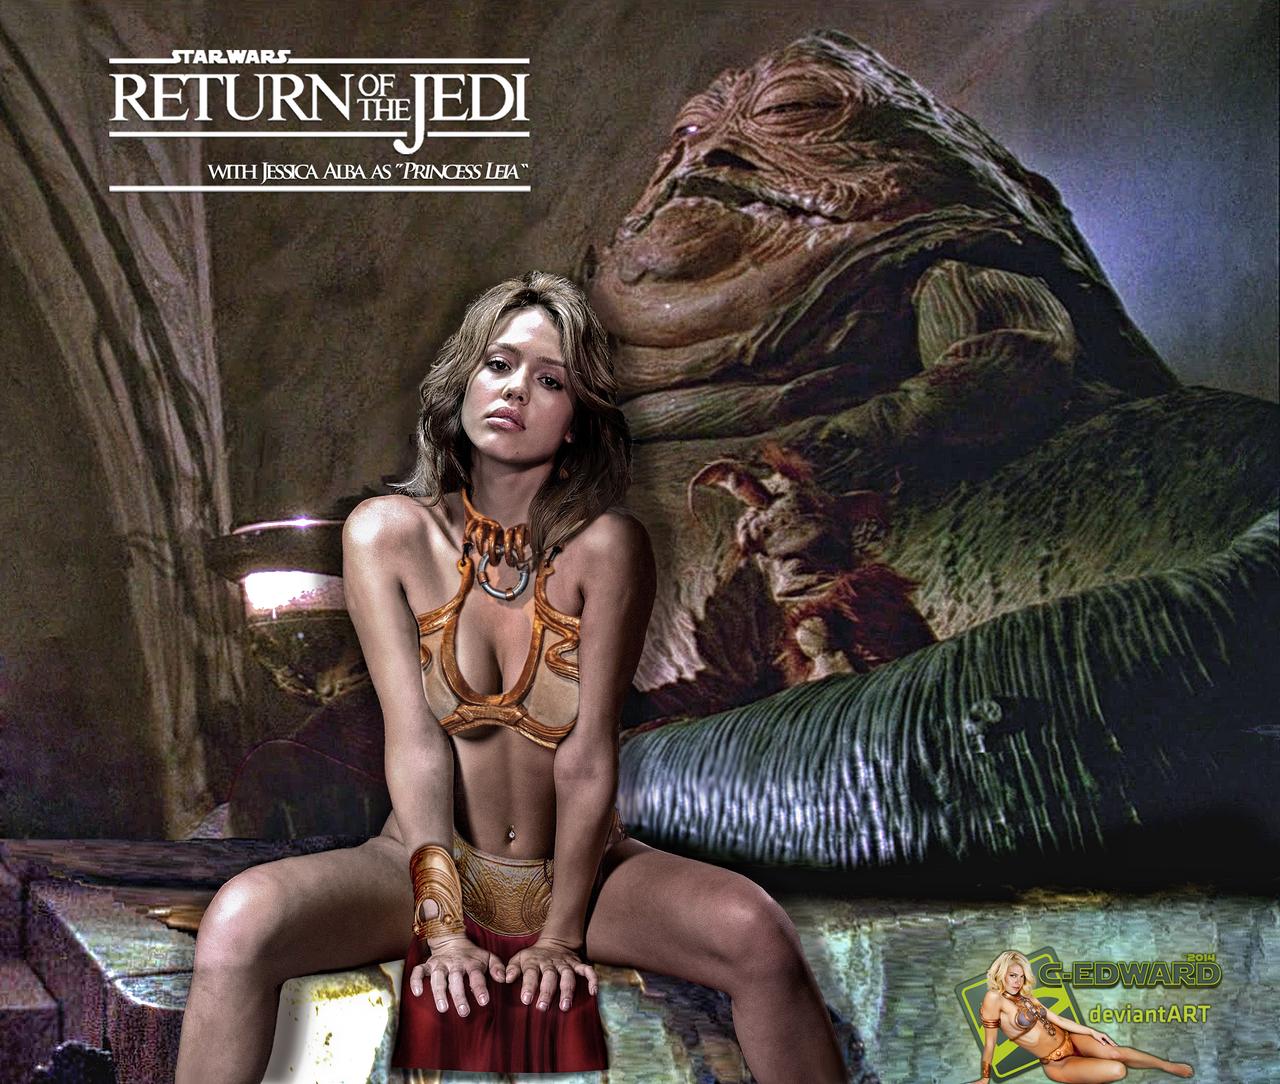 Jessica Alba Slave Sex 72